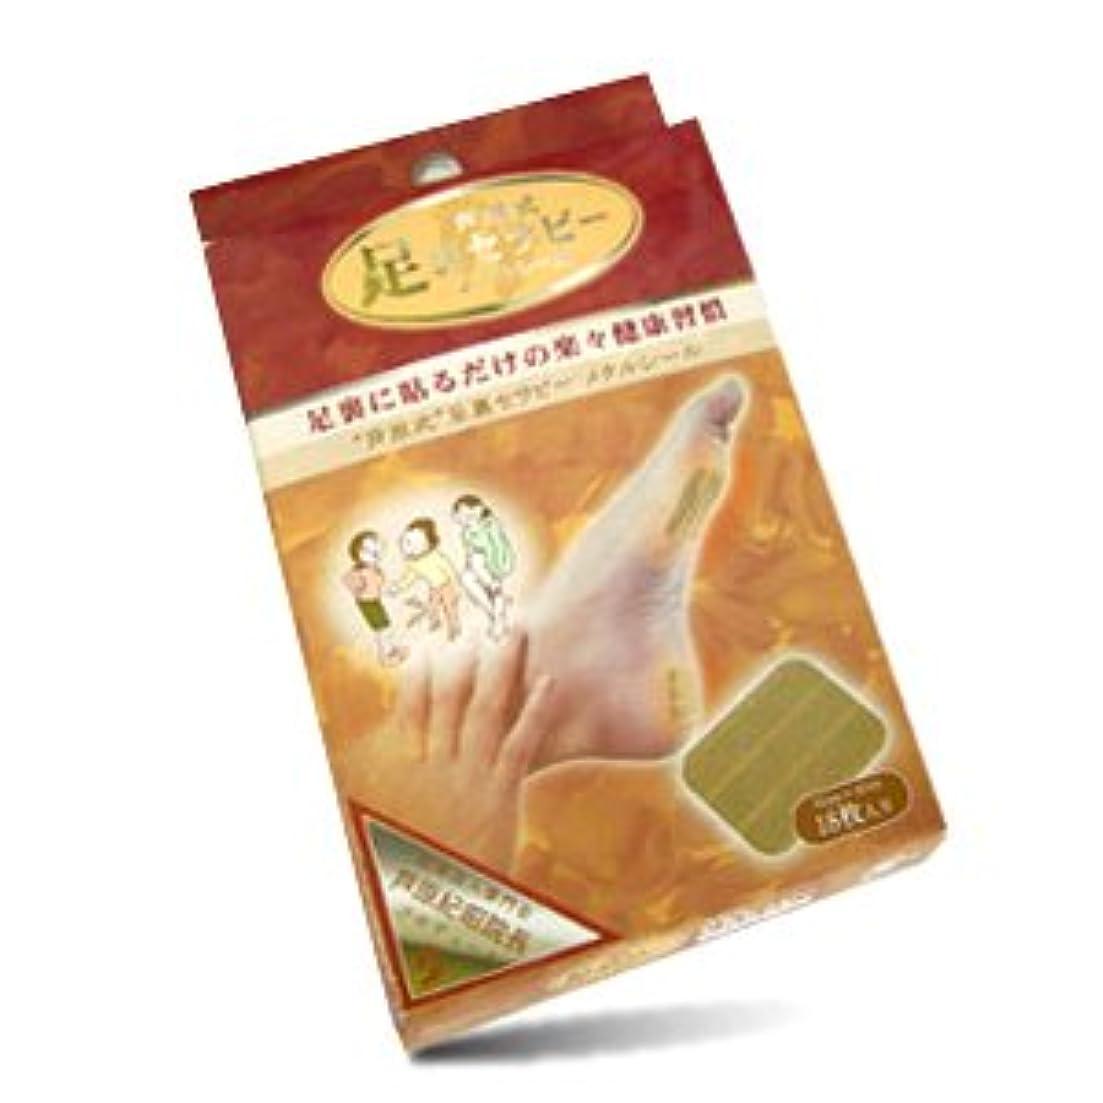 びっくりした家畜最も早い芦原式足裏セラピー メタルシール 84枚入り 足裏に貼るだけの楽々健康習慣!